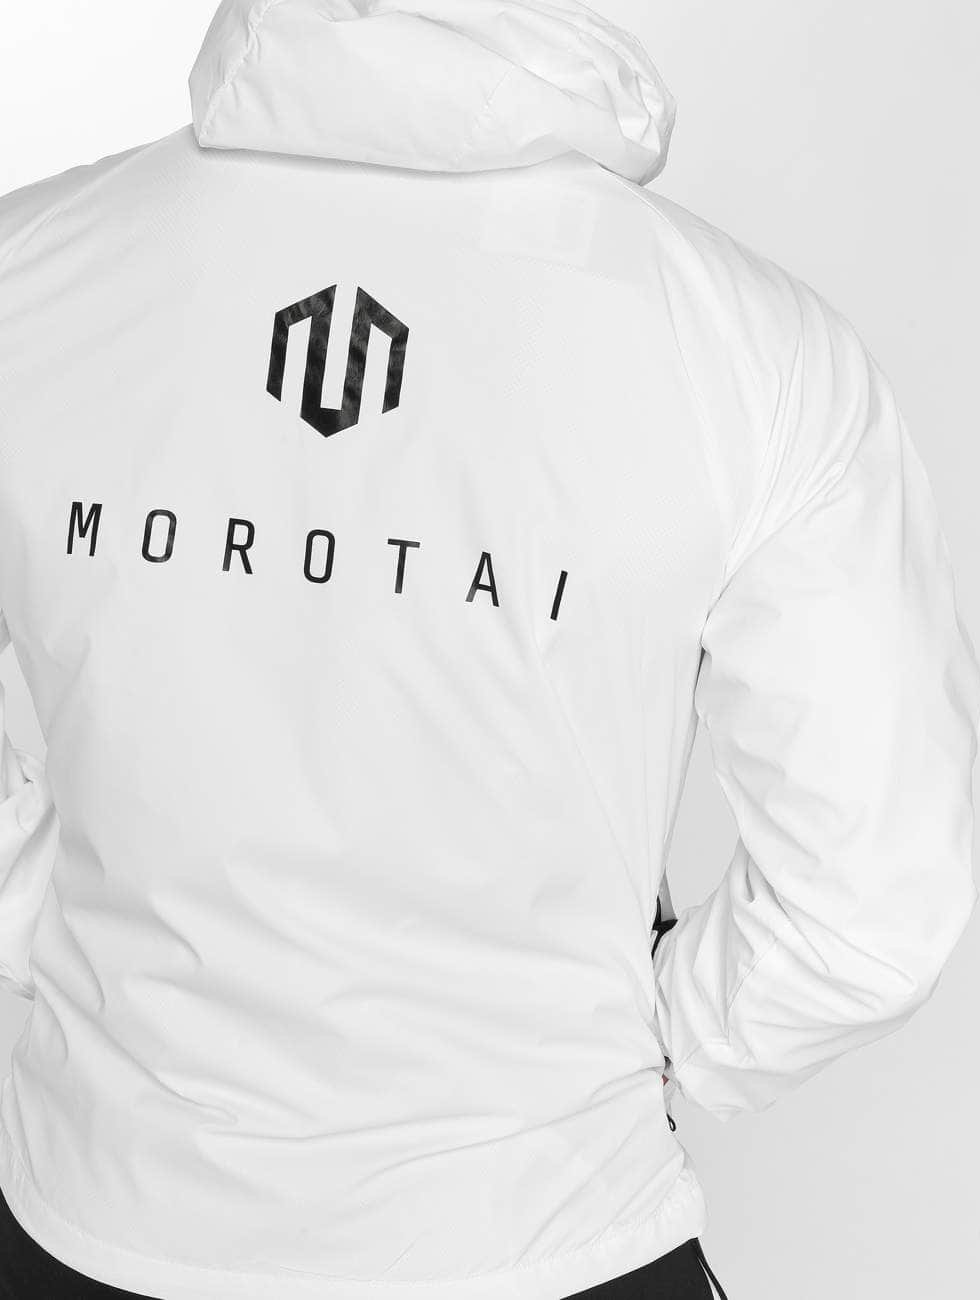 MOROTAI Kurtki przejściowe Classic bialy